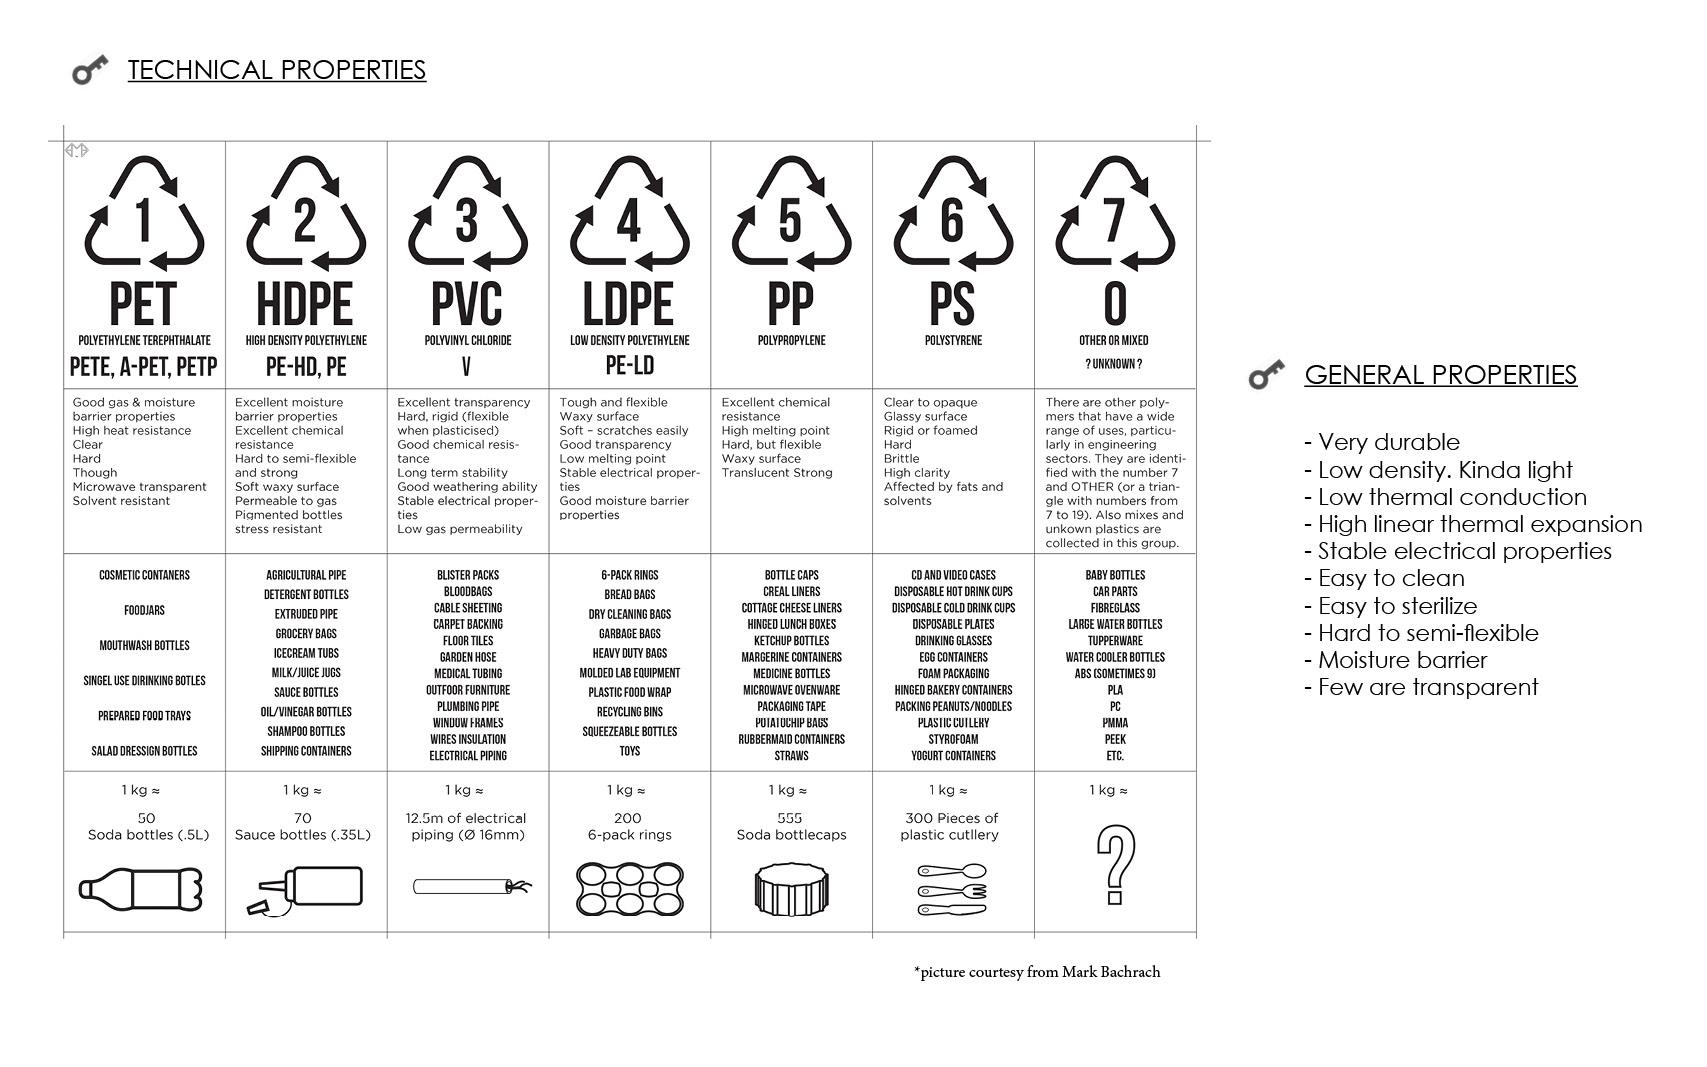 Product Design for the sheetpress (V4) - Dave Hakkens